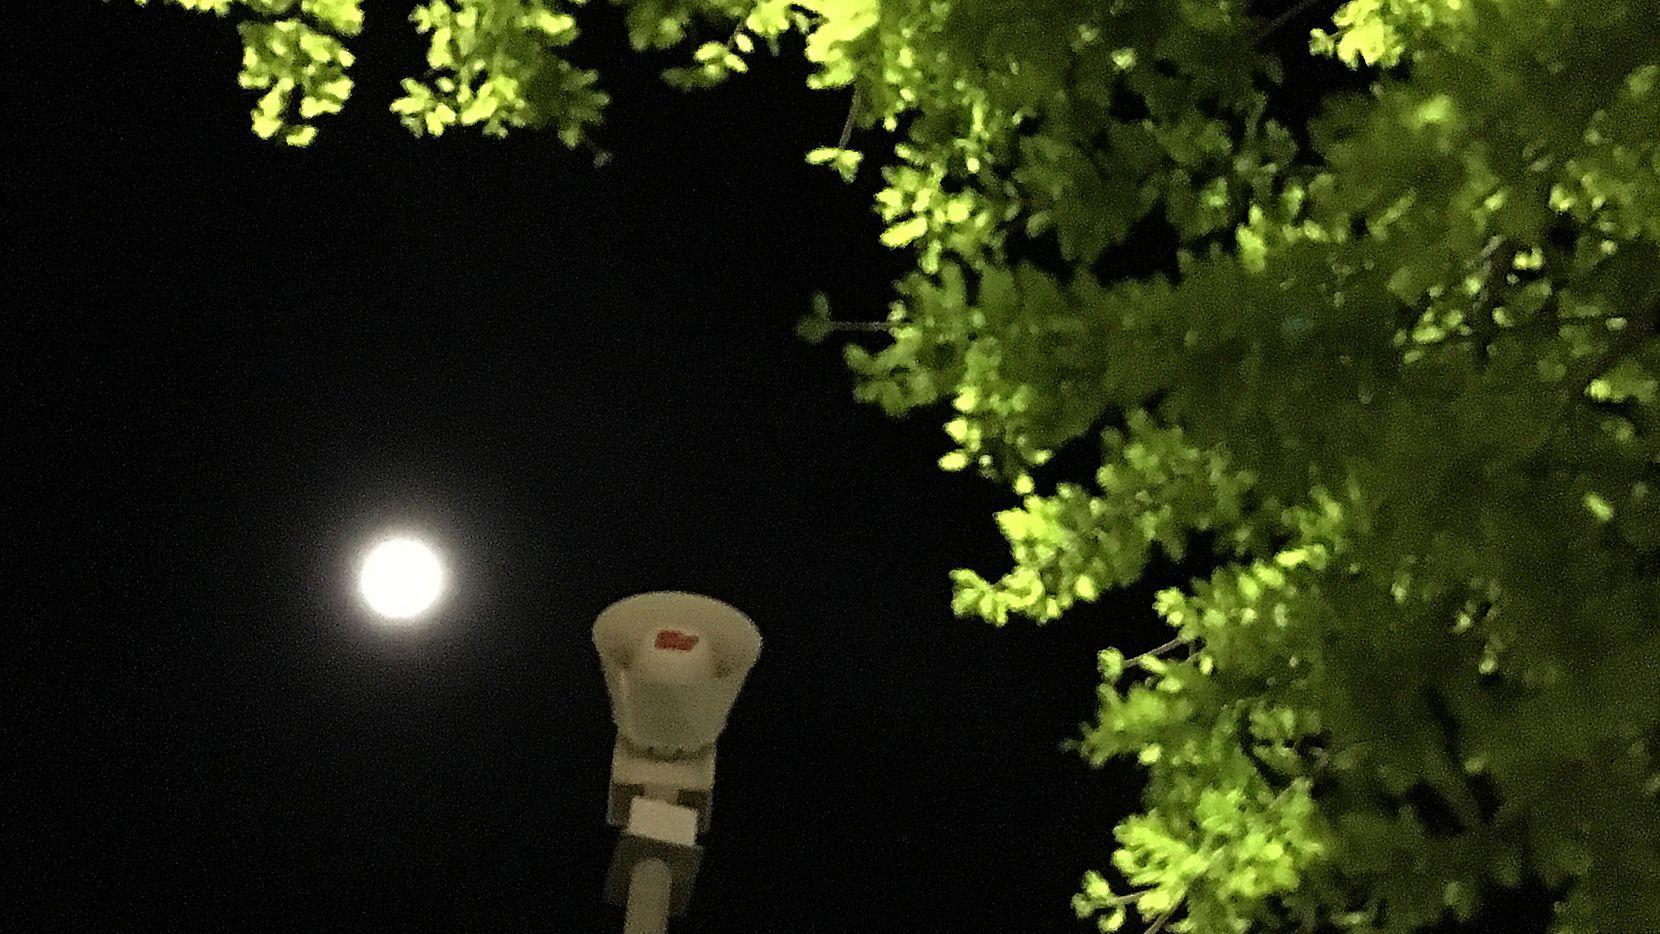 Las 156 alarmas de Dallas se activaron la medianoche del viernes al sábado. (DMN/MICHAEL HAMTIL)